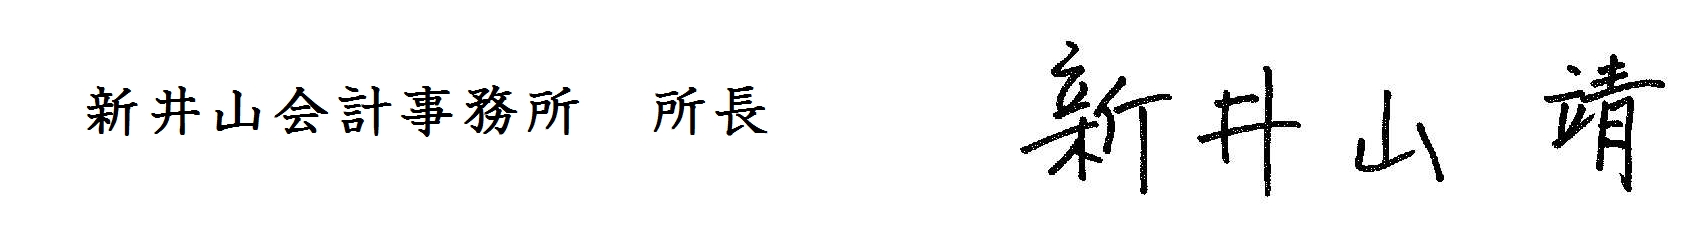 署名.jpg